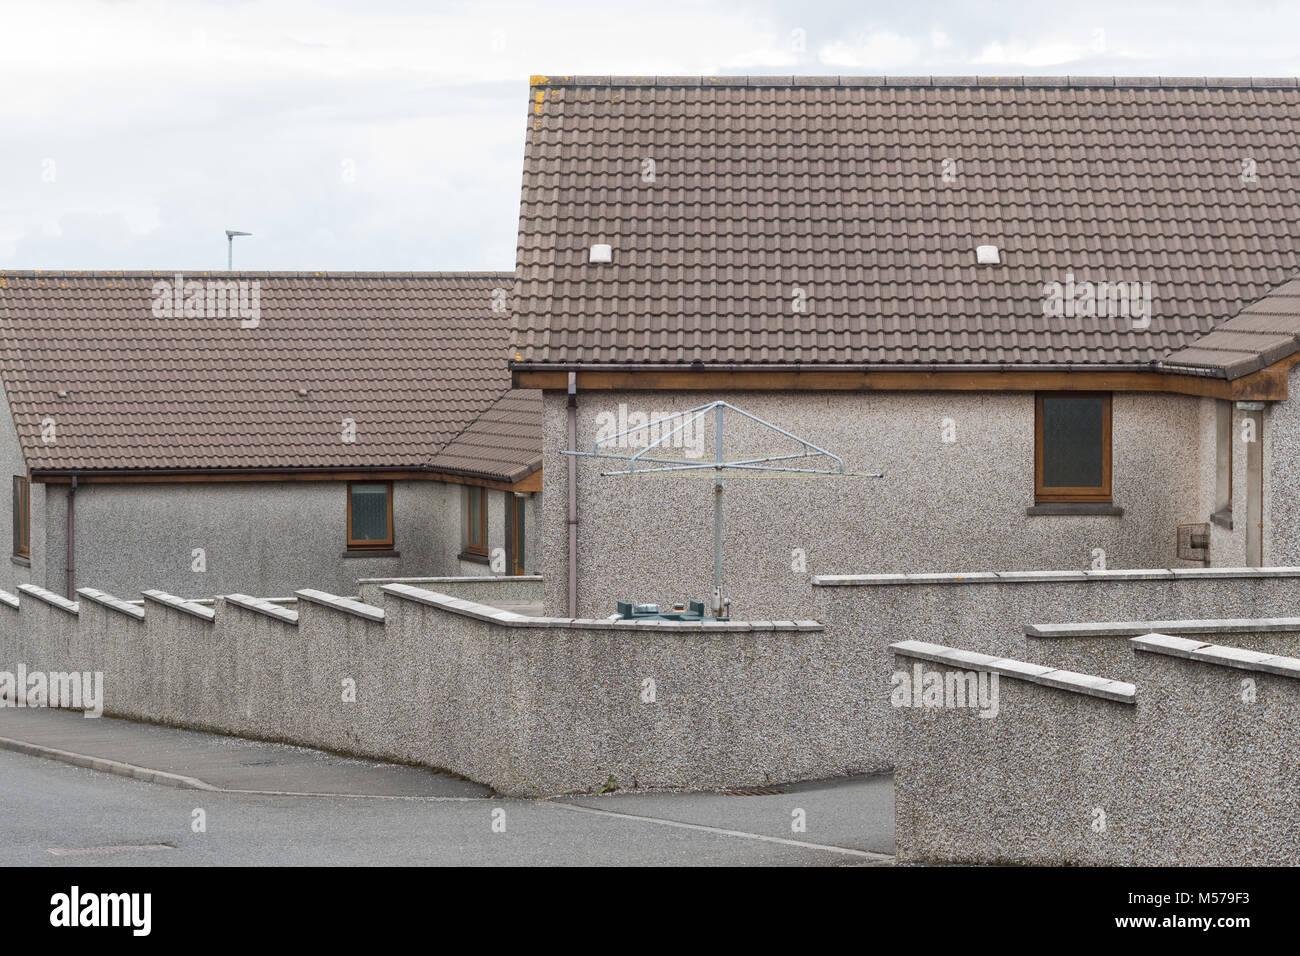 pebble dash houses, Kirkwall, Orkney Islands, Scotland, UK - Stock Image